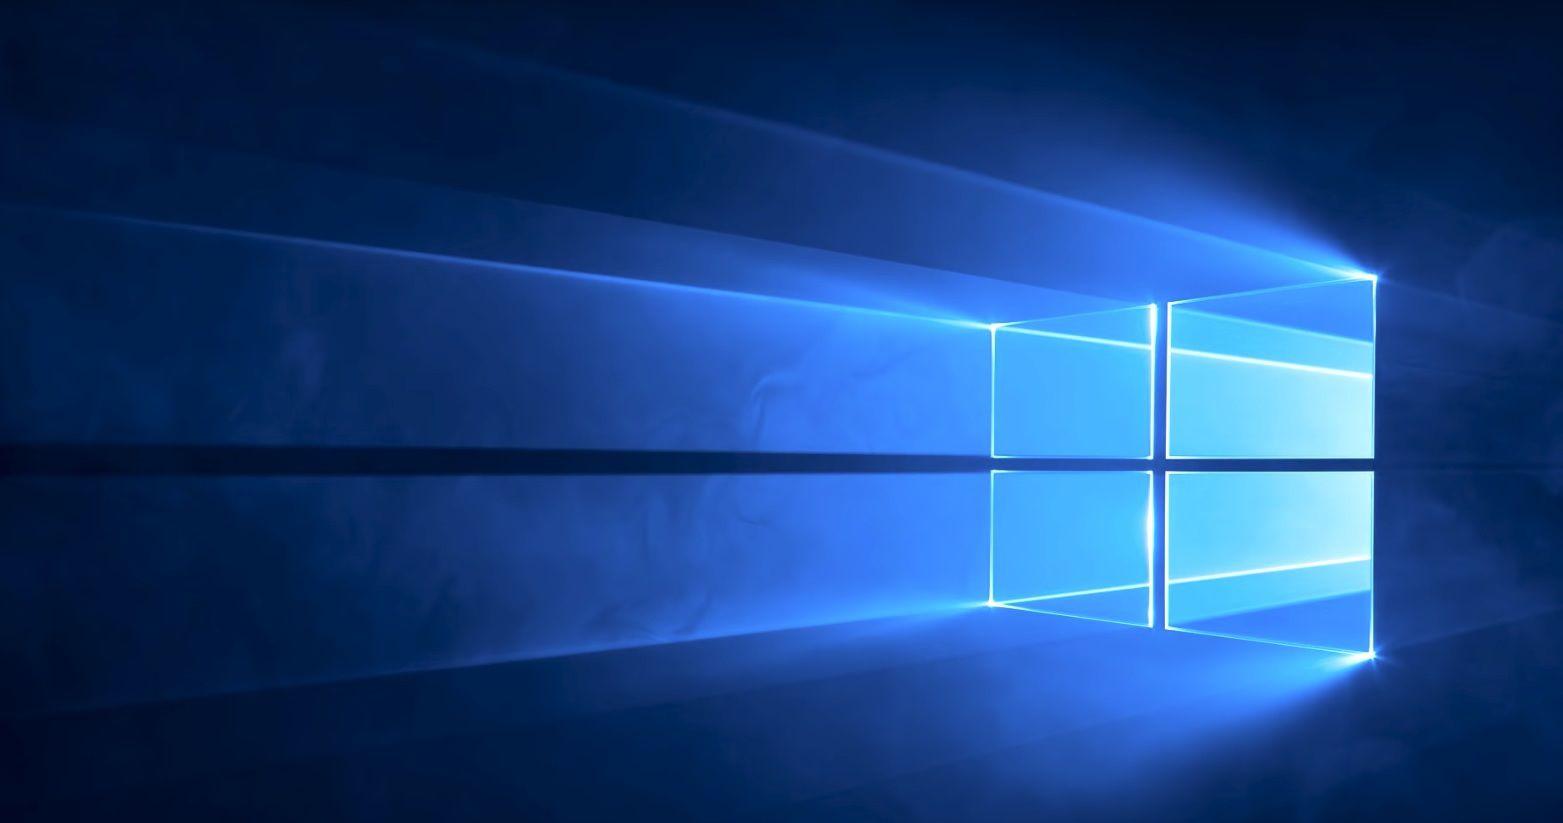 De acuerdo a algunas filtraciones, Microsoft llevaría a cabo un evento solo de Windows en las próximas semanas, posiblemente en junio 03/10/2018 Windows 10 logo POLITICA INVESTIGACIÓN Y TECNOLOGÍA MICROSOFT